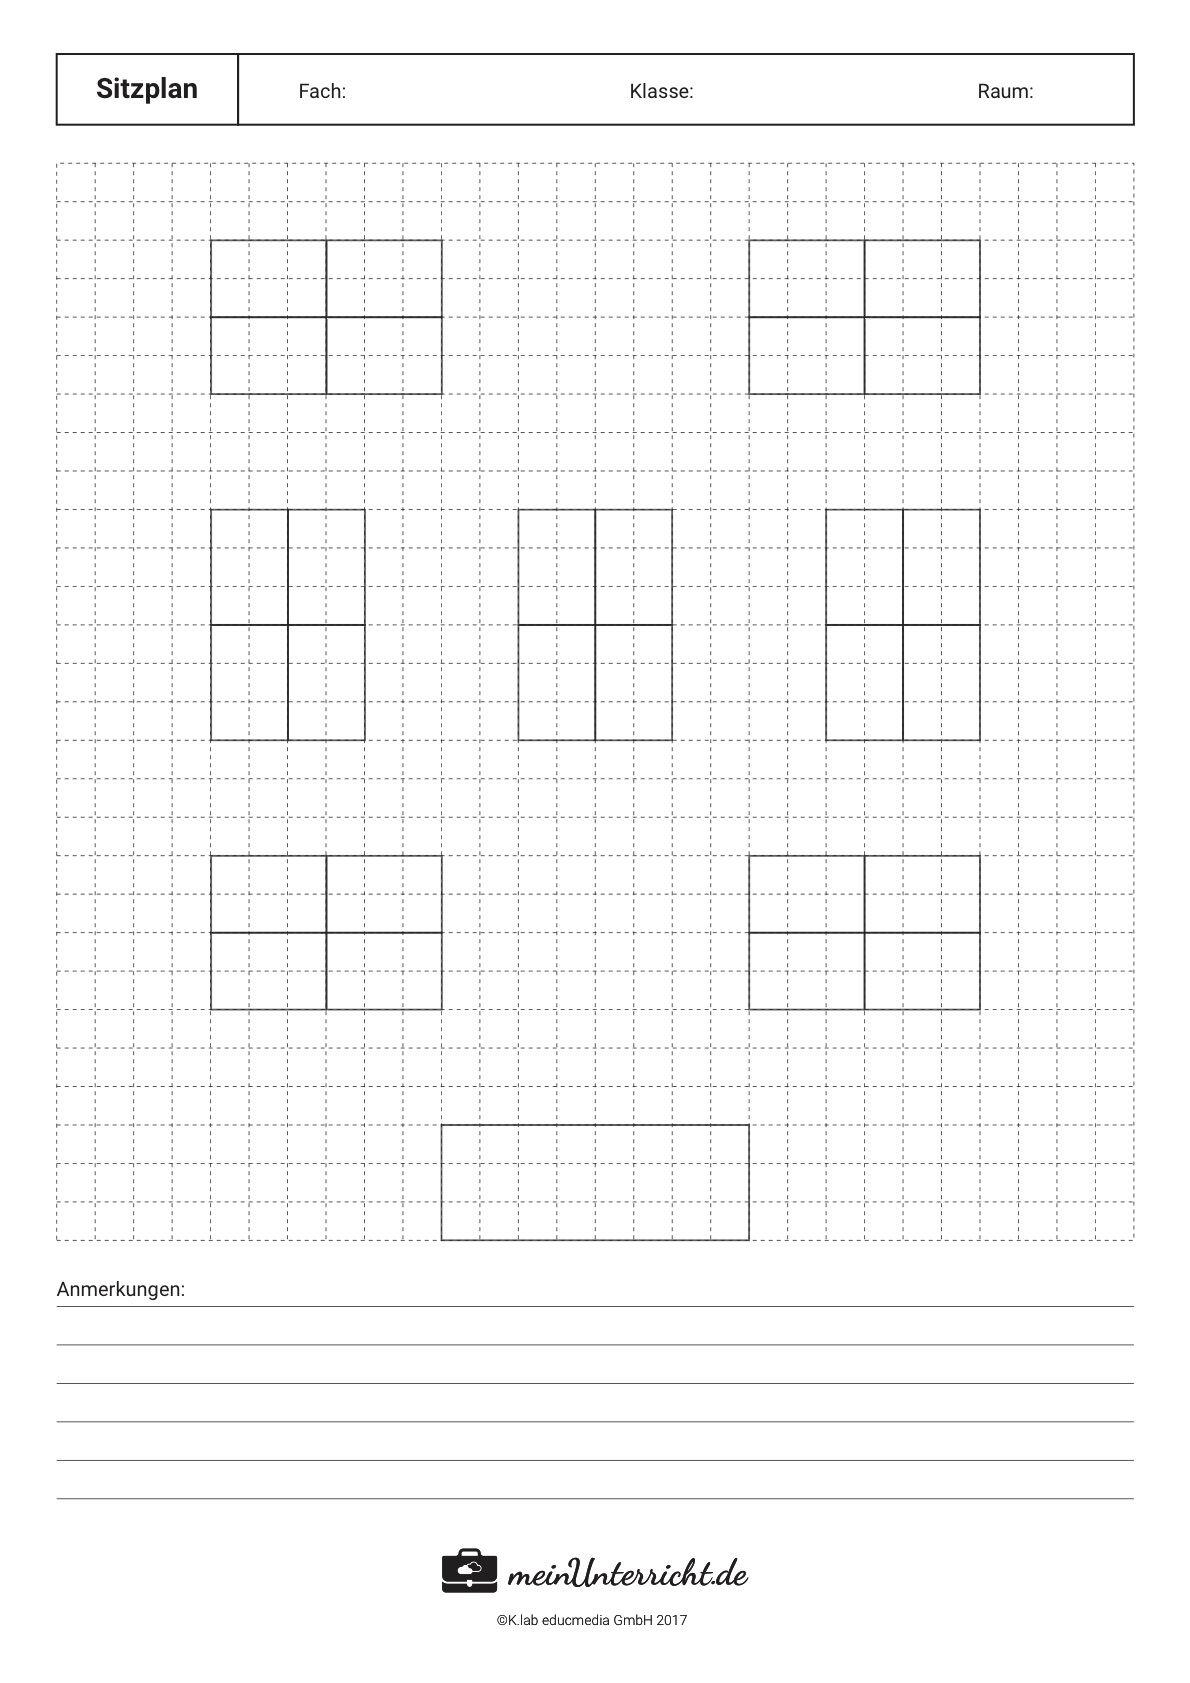 Sitzordnungen Im Vergleich Vorlagen Meinunterricht De Klassenzimmer Gestalten Grundschule Sitzplan Klassenzimmer Sitzordnung